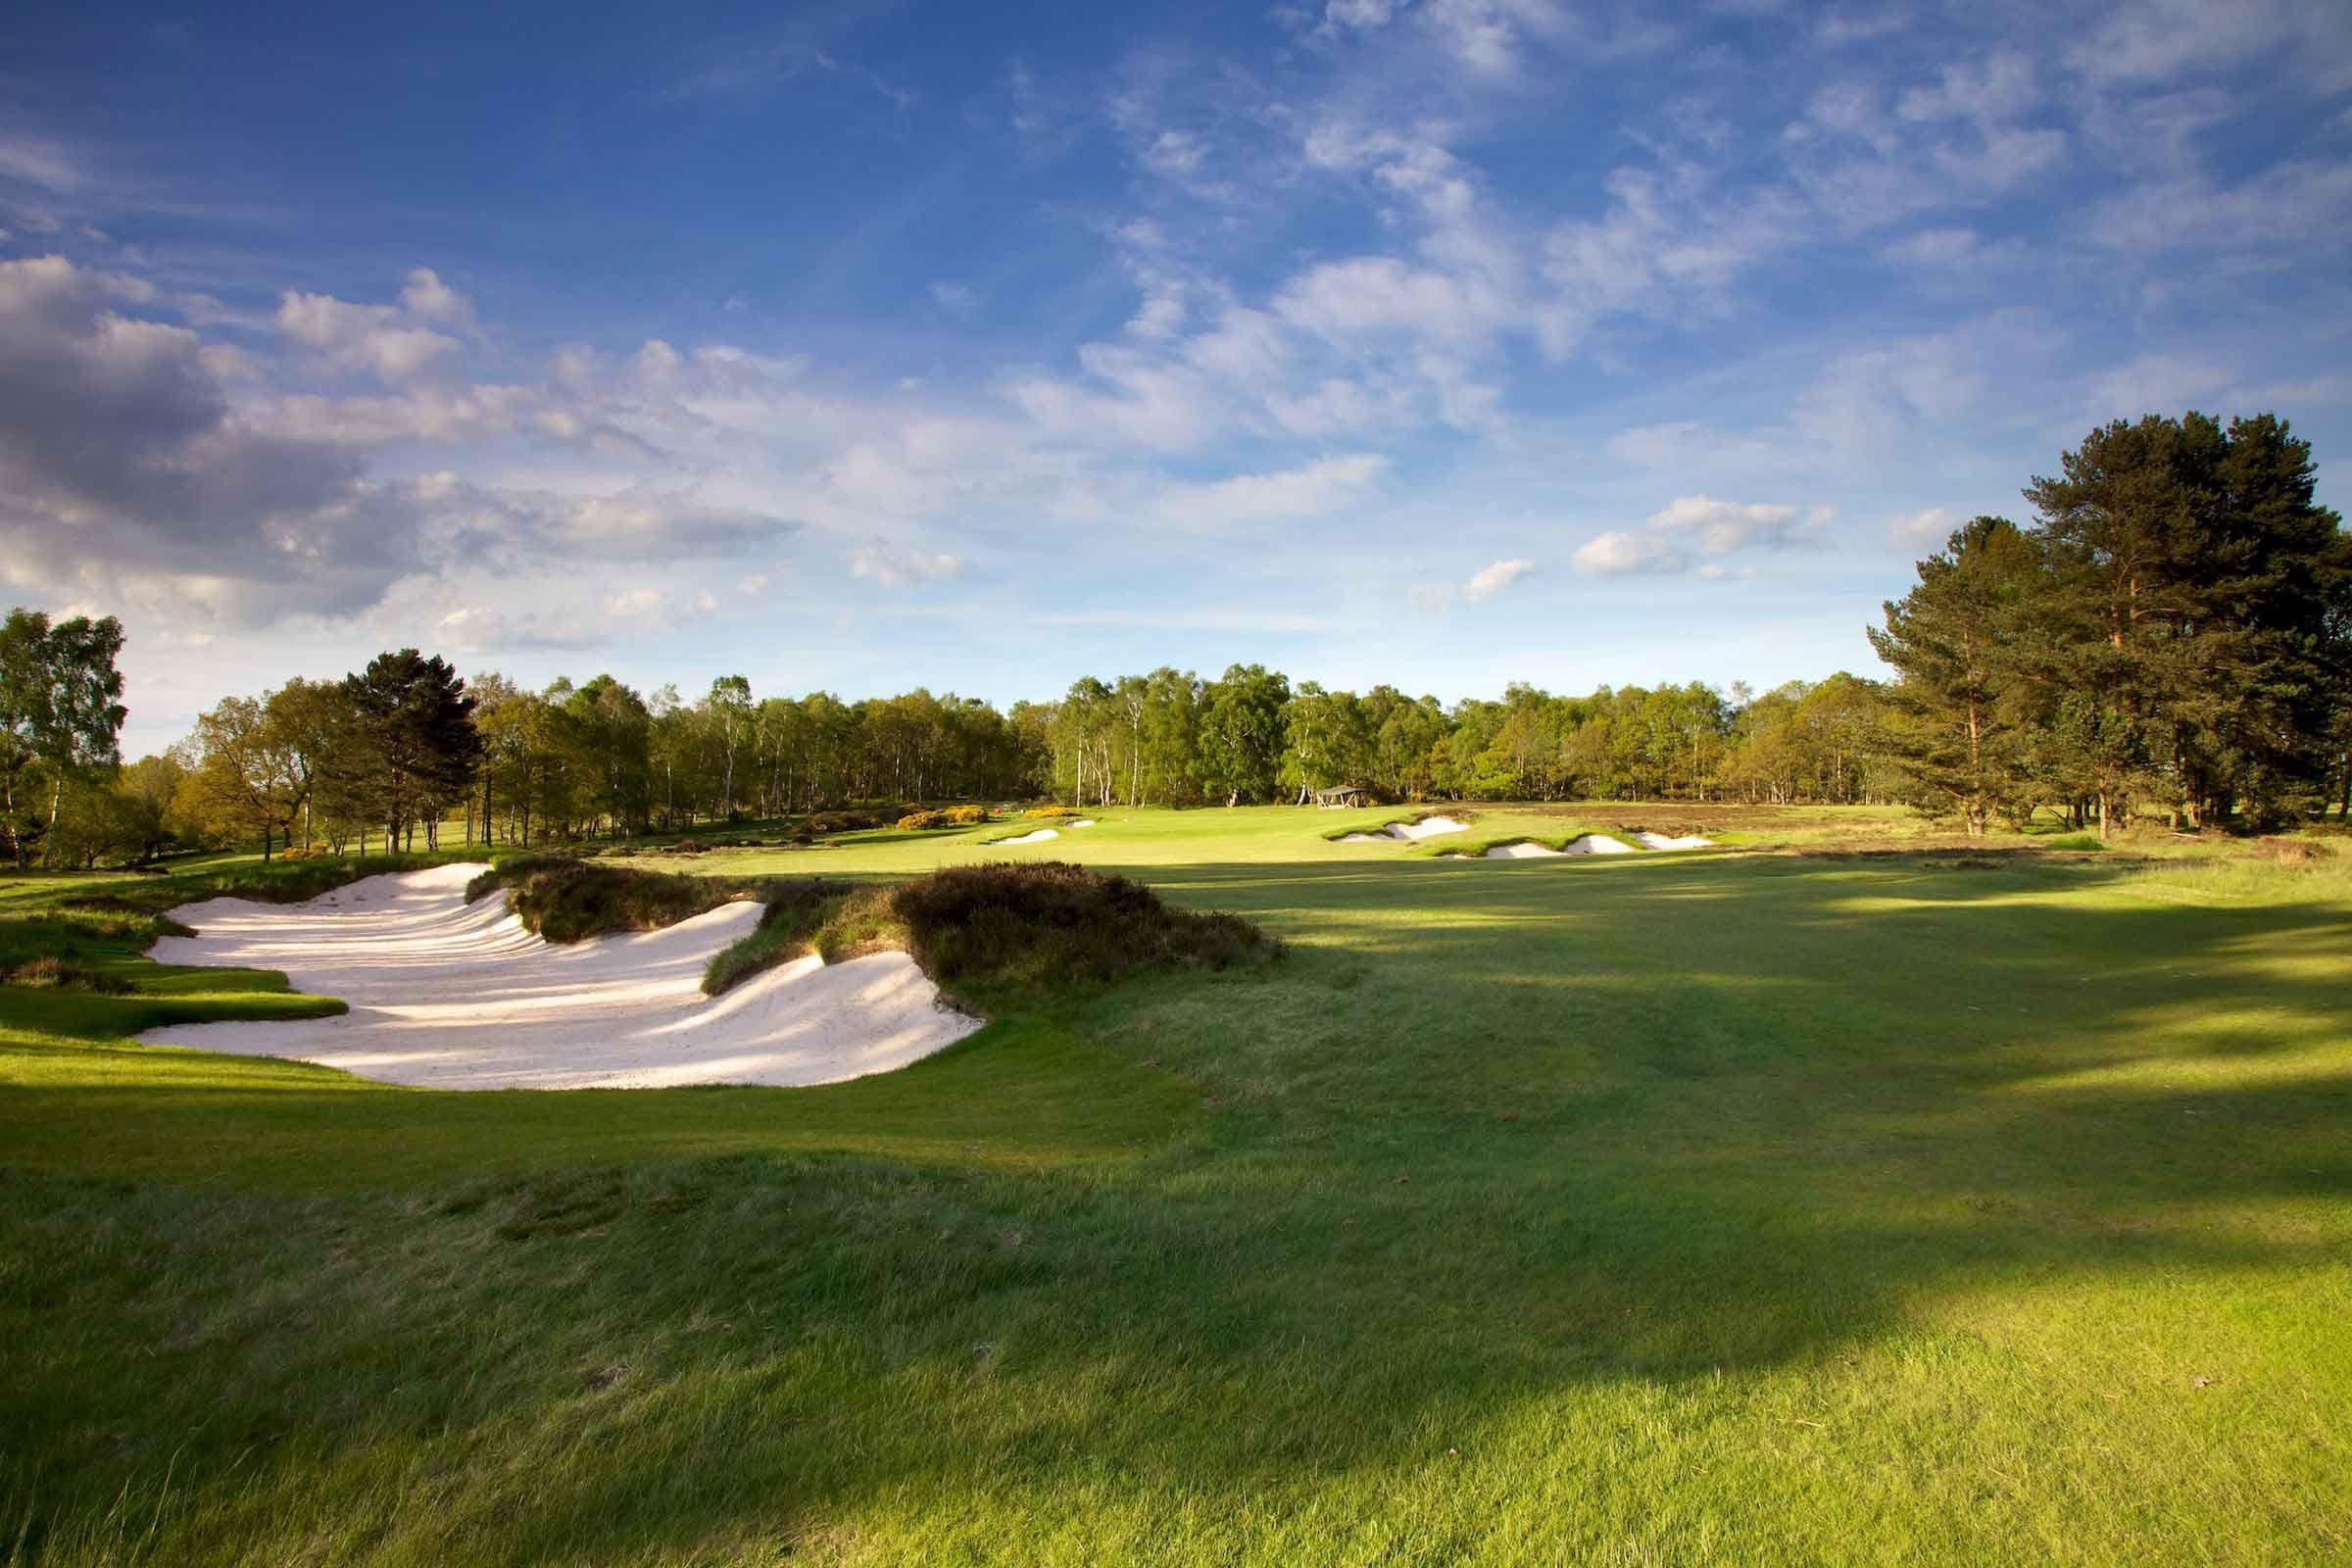 Alwoodley golf club google search golf putters golf